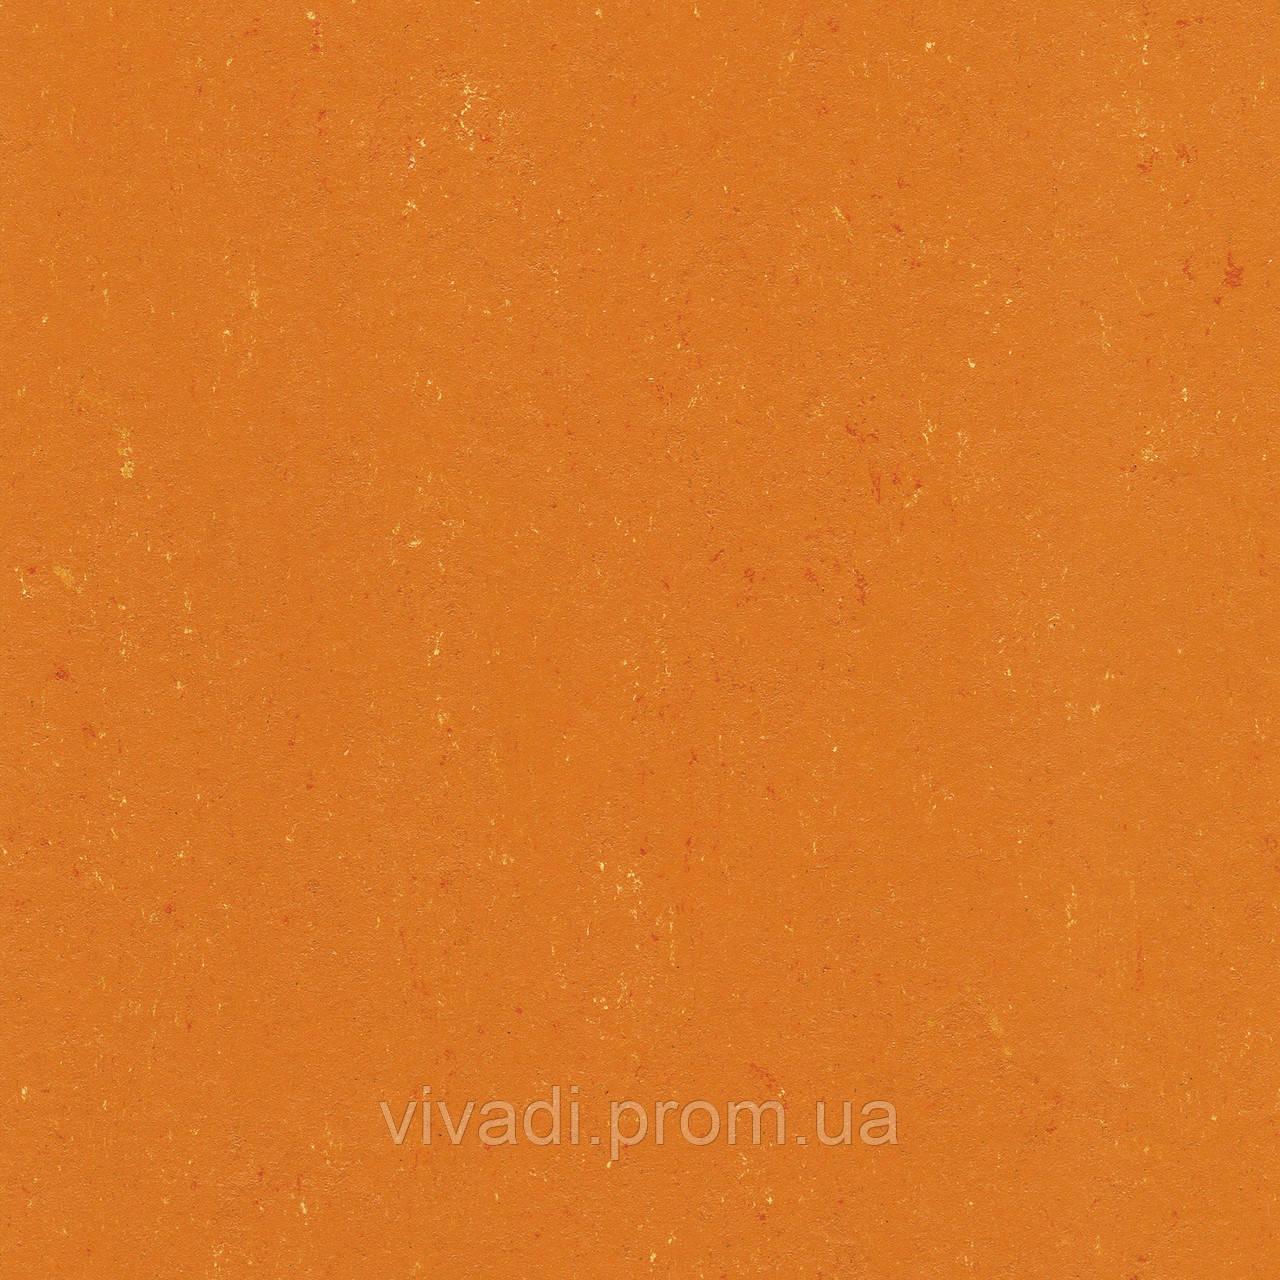 Натуральний лінолеум Colorette PUR - колір 137-170